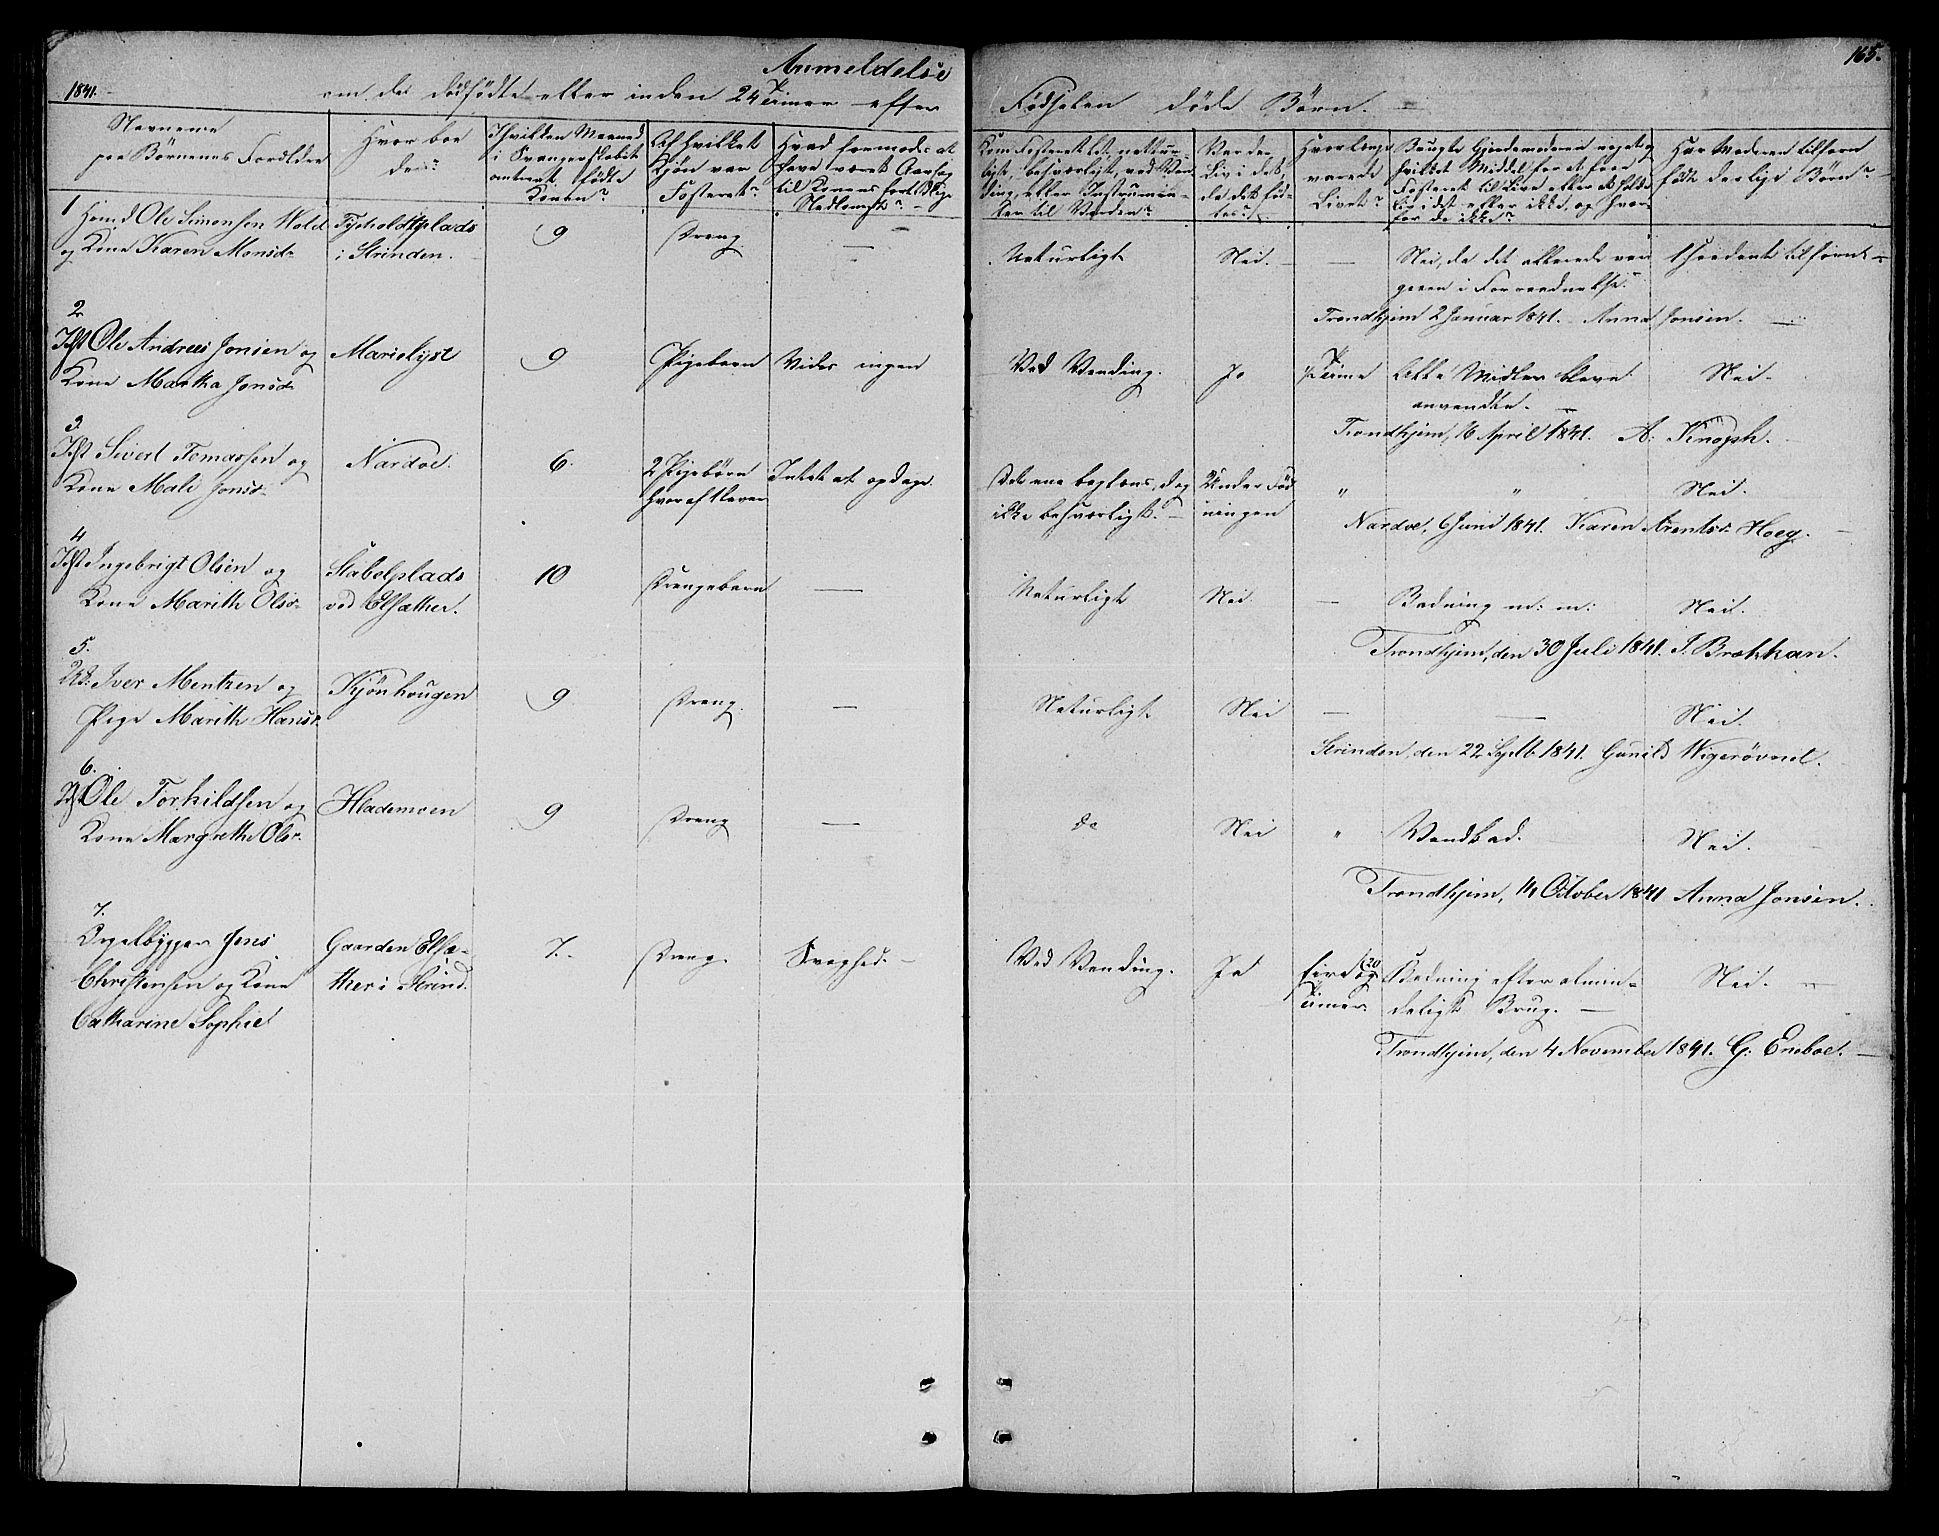 SAT, Ministerialprotokoller, klokkerbøker og fødselsregistre - Sør-Trøndelag, 606/L0309: Klokkerbok nr. 606C05, 1841-1849, s. 165